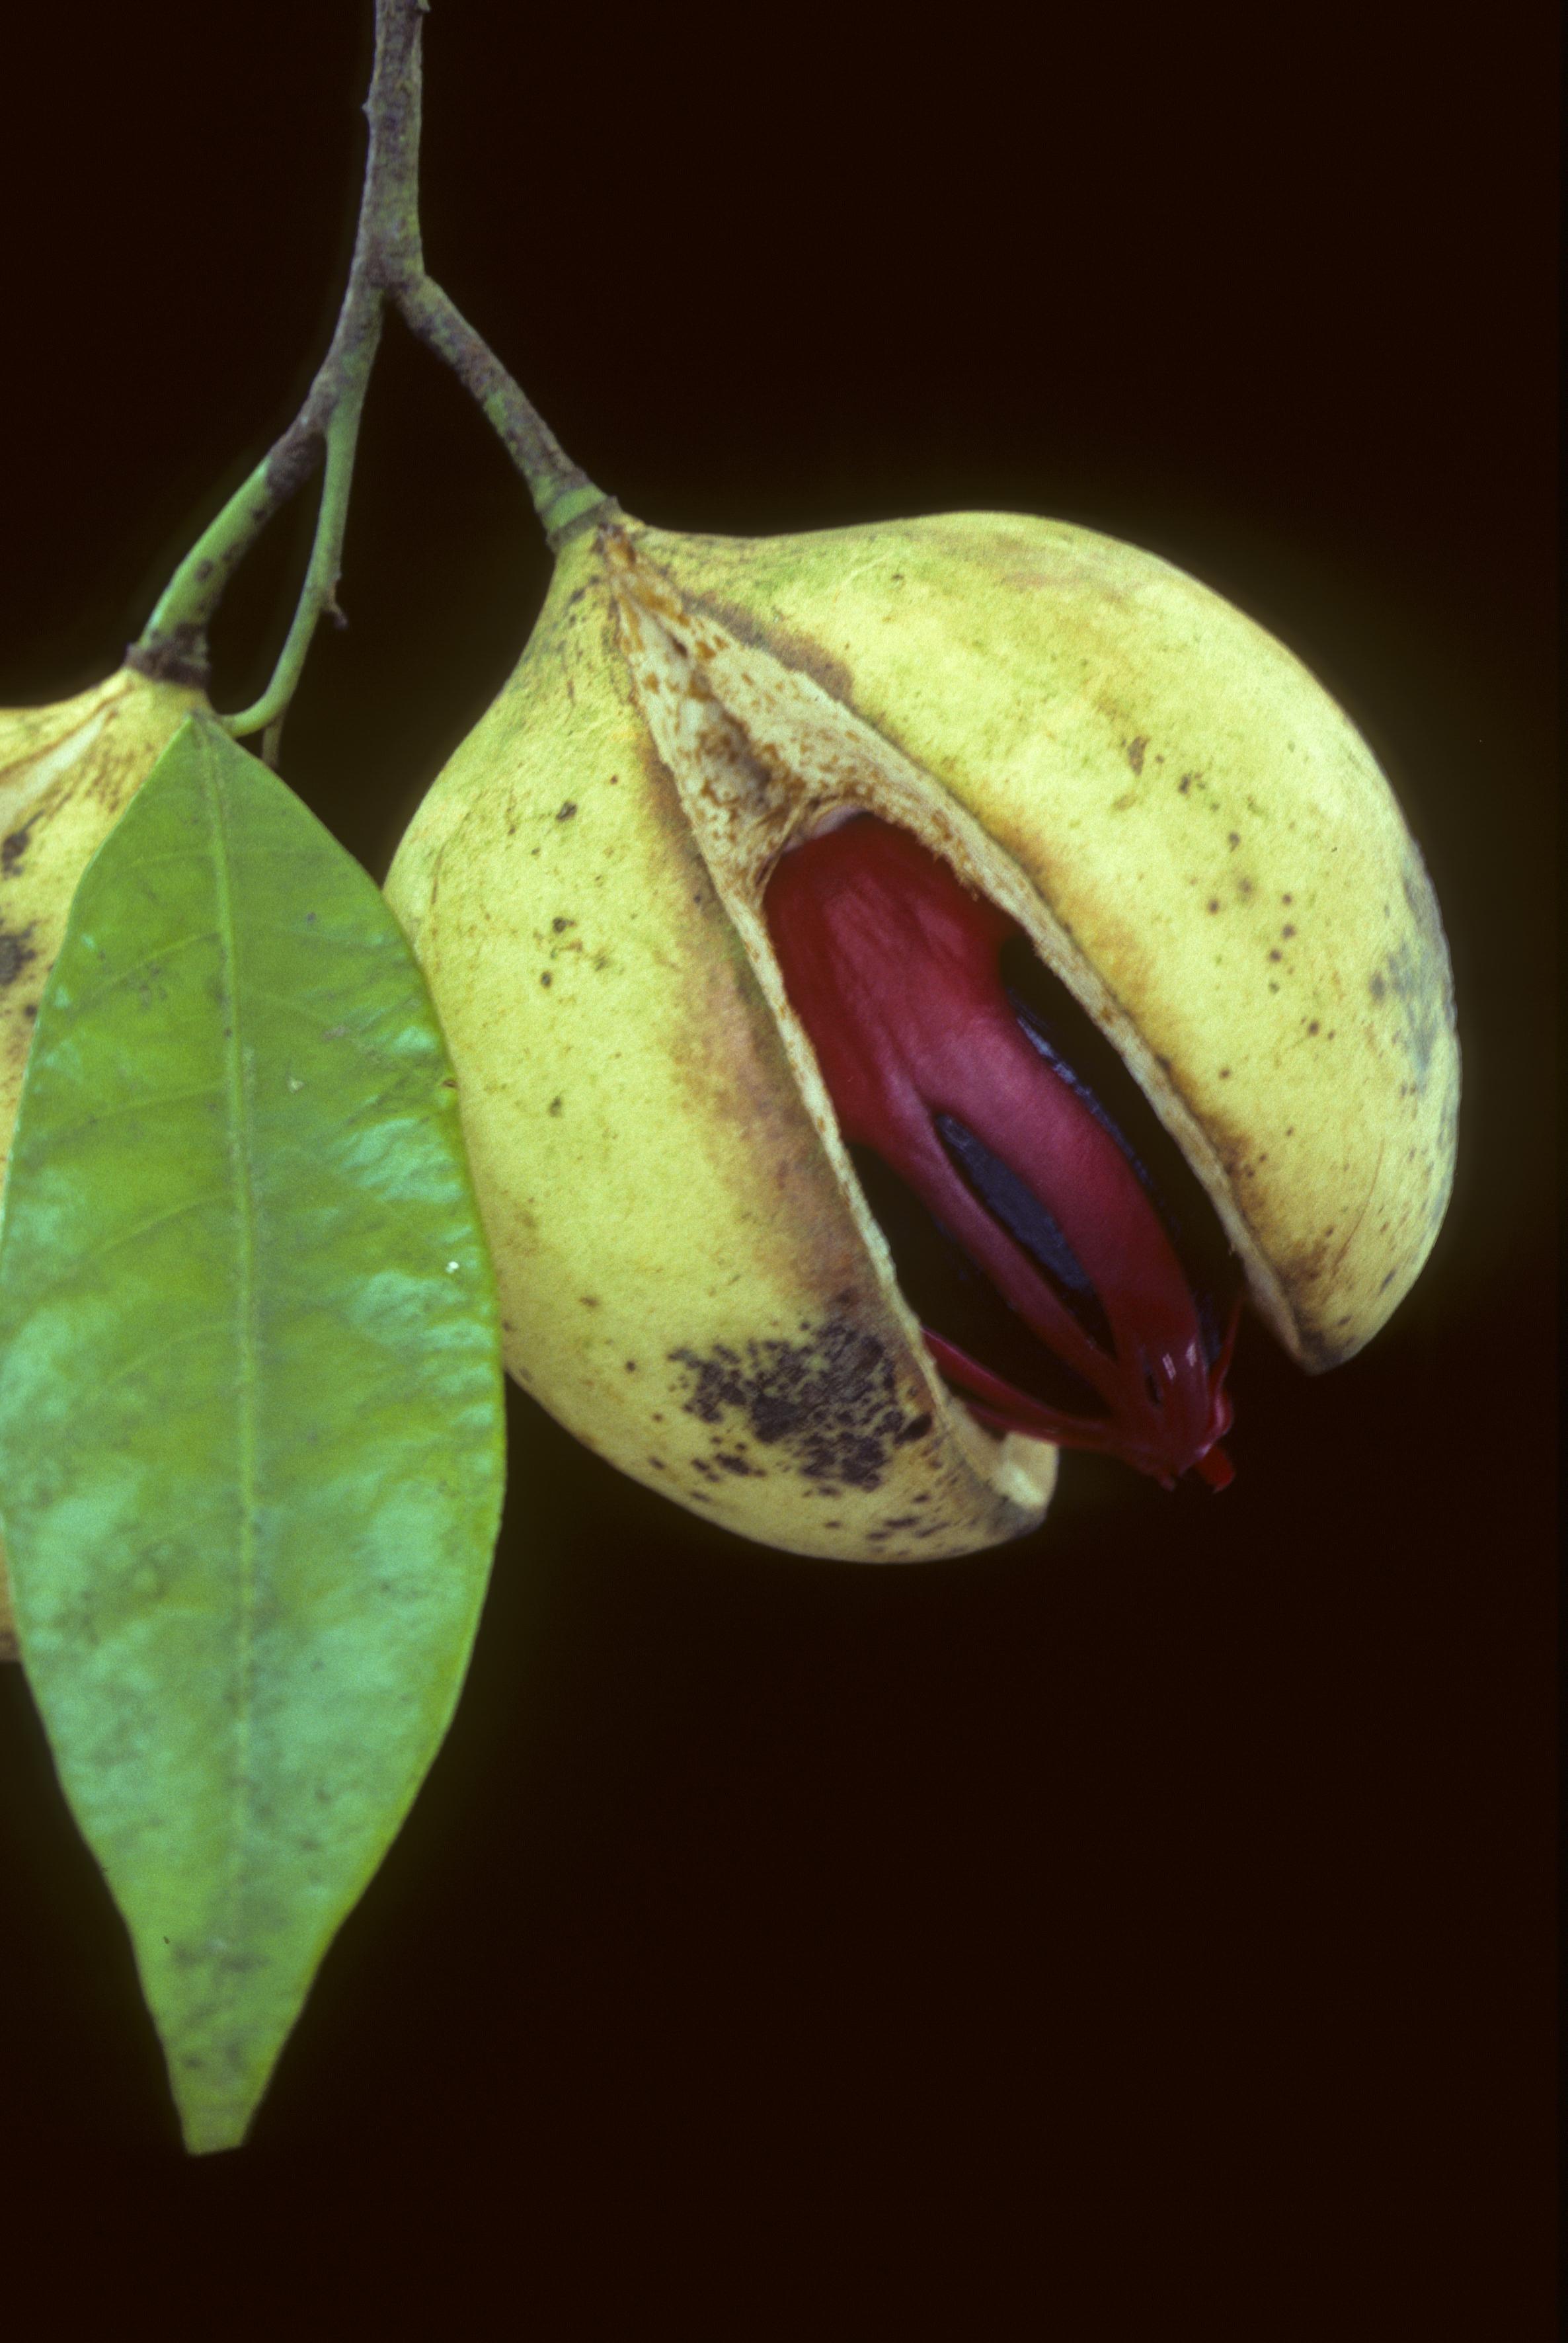 Ez melyik fűszernövény?